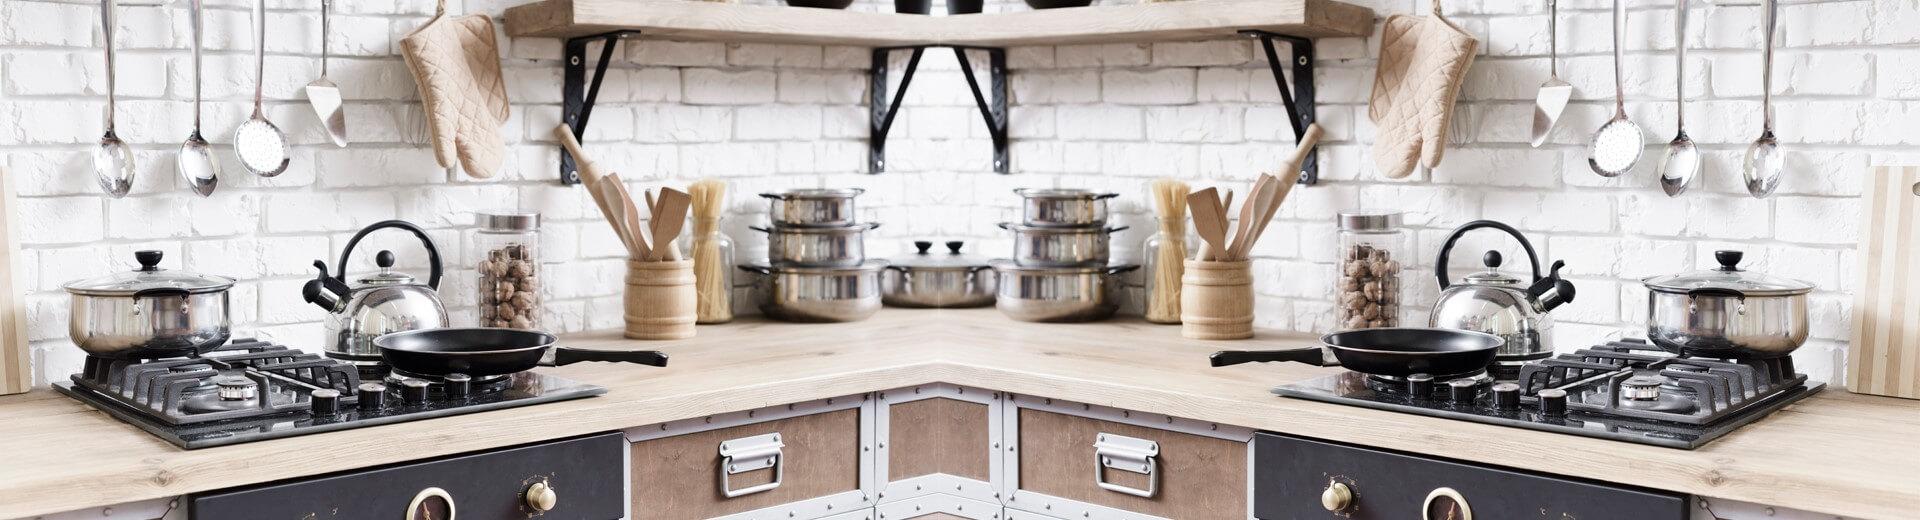 Mutfak Tadilat ve Tasarım